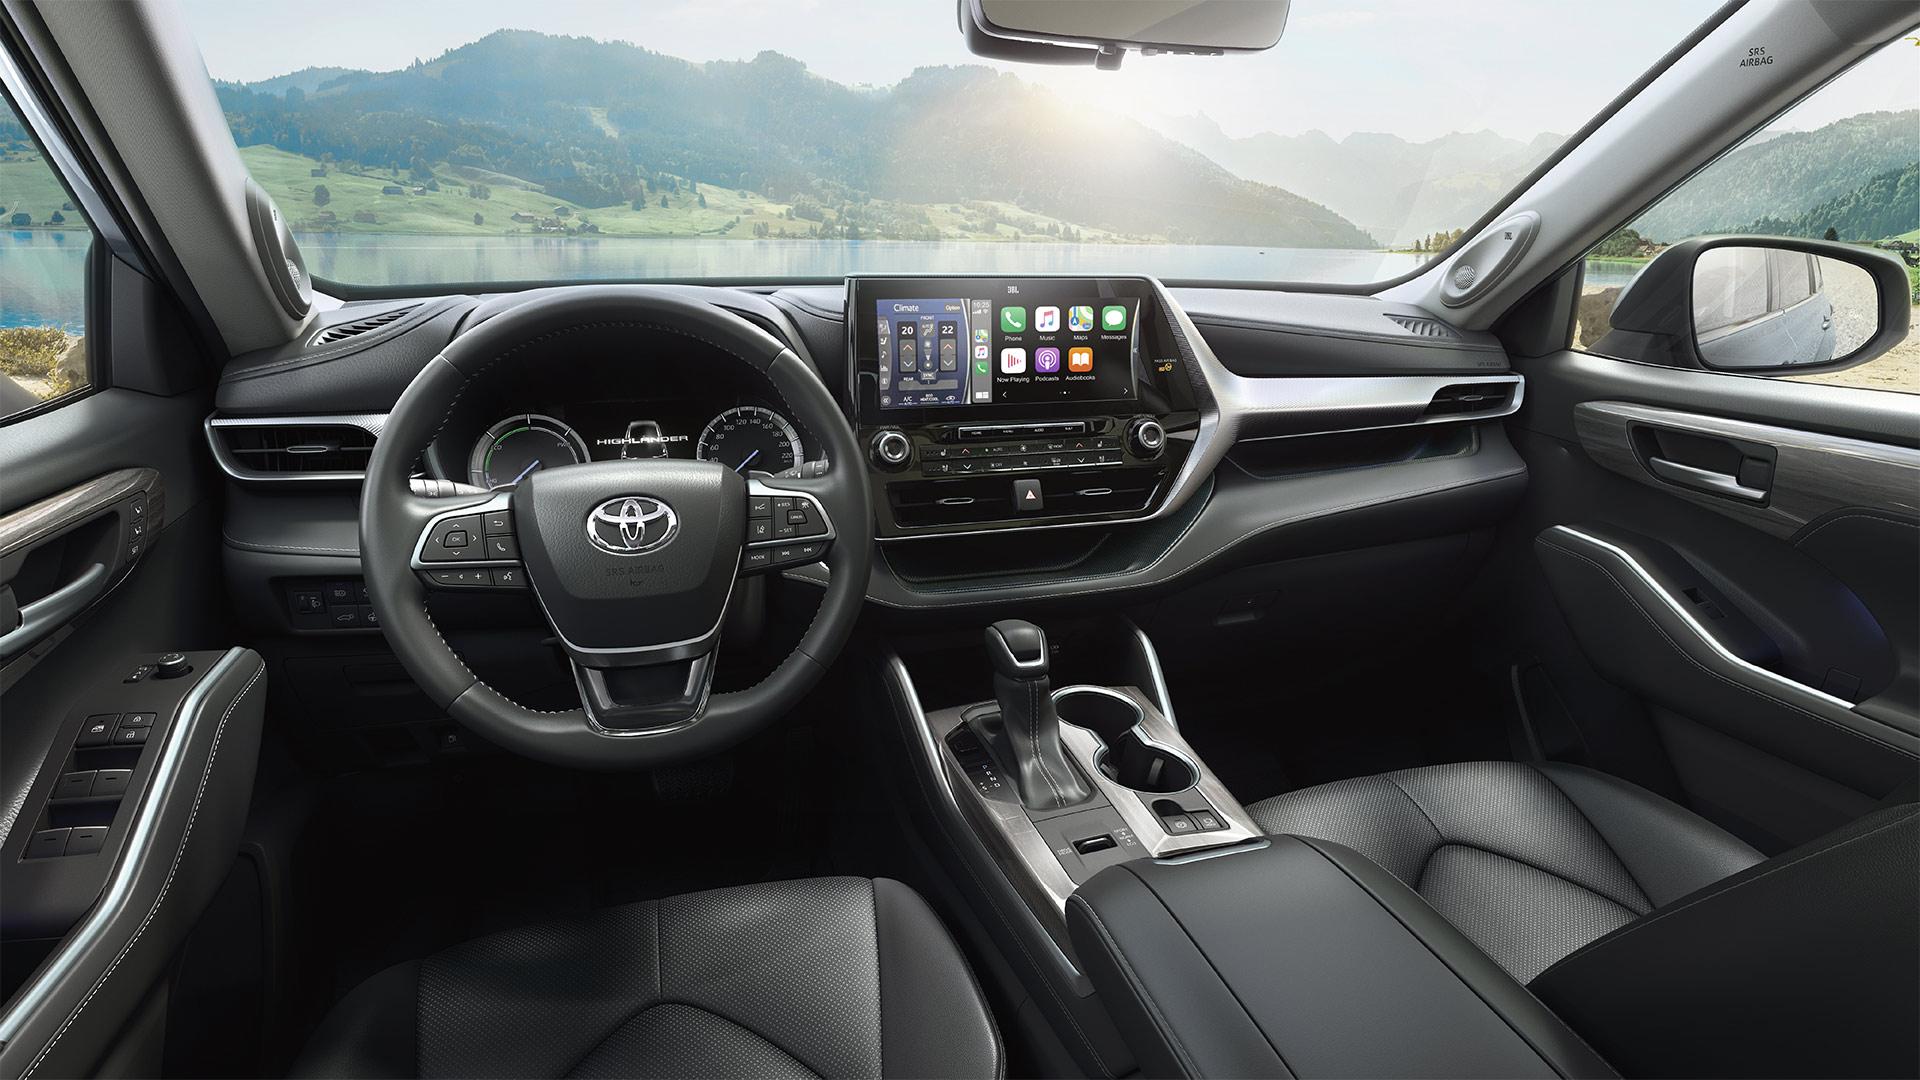 Toyota Highlander - Hybrid SUV